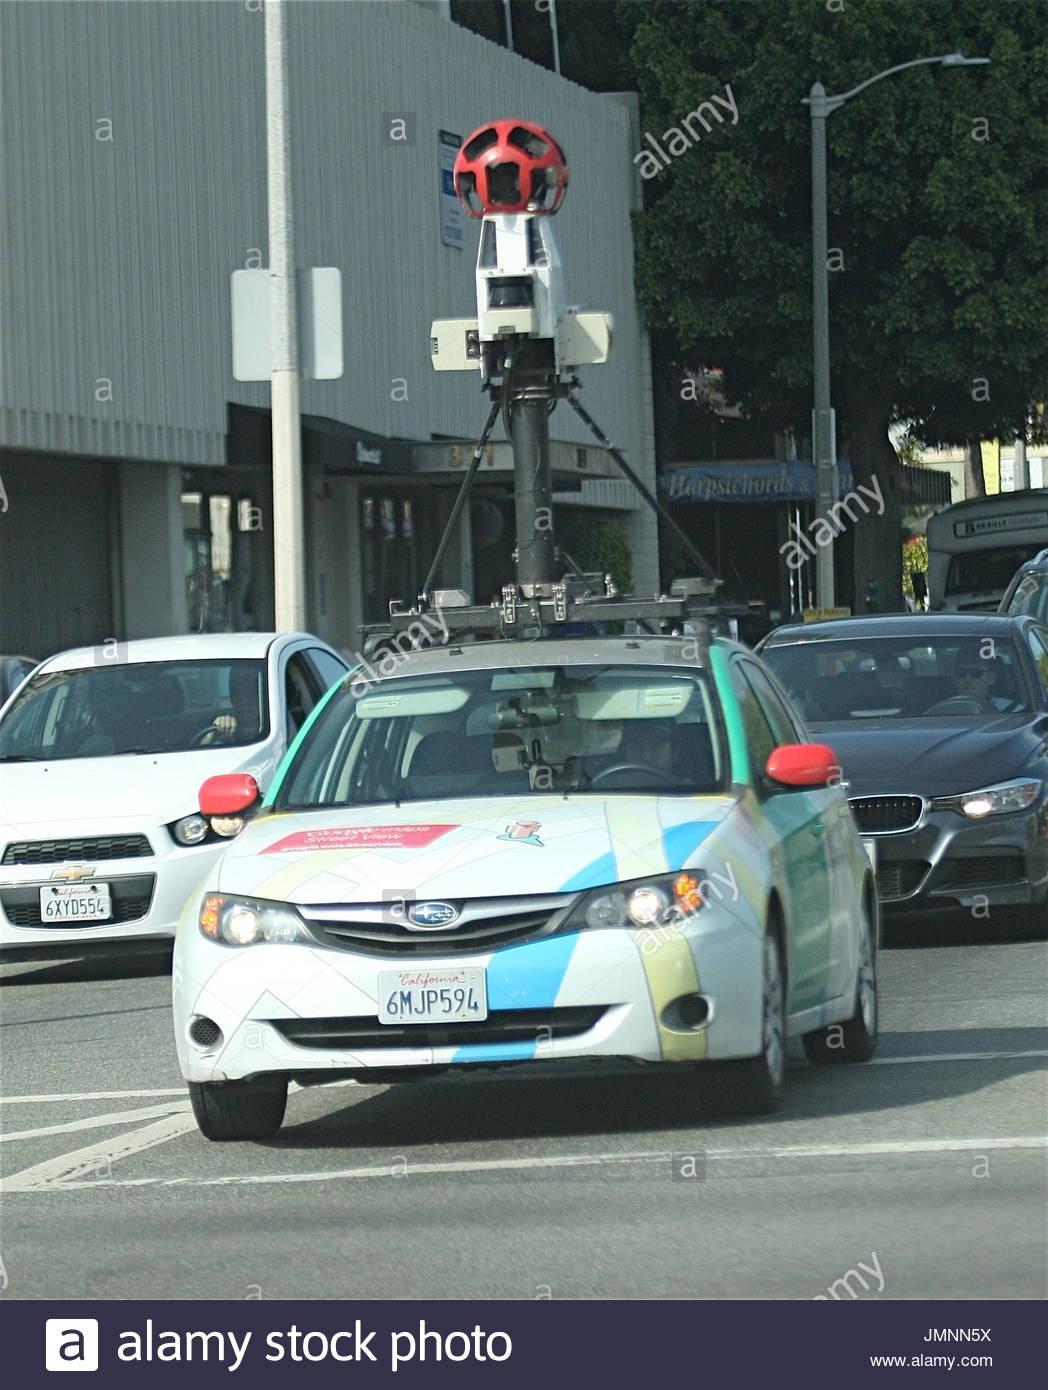 Google Maps Car Stock Photos & Google Maps Car Stock ... | 1048 x 1390 jpeg 169kB